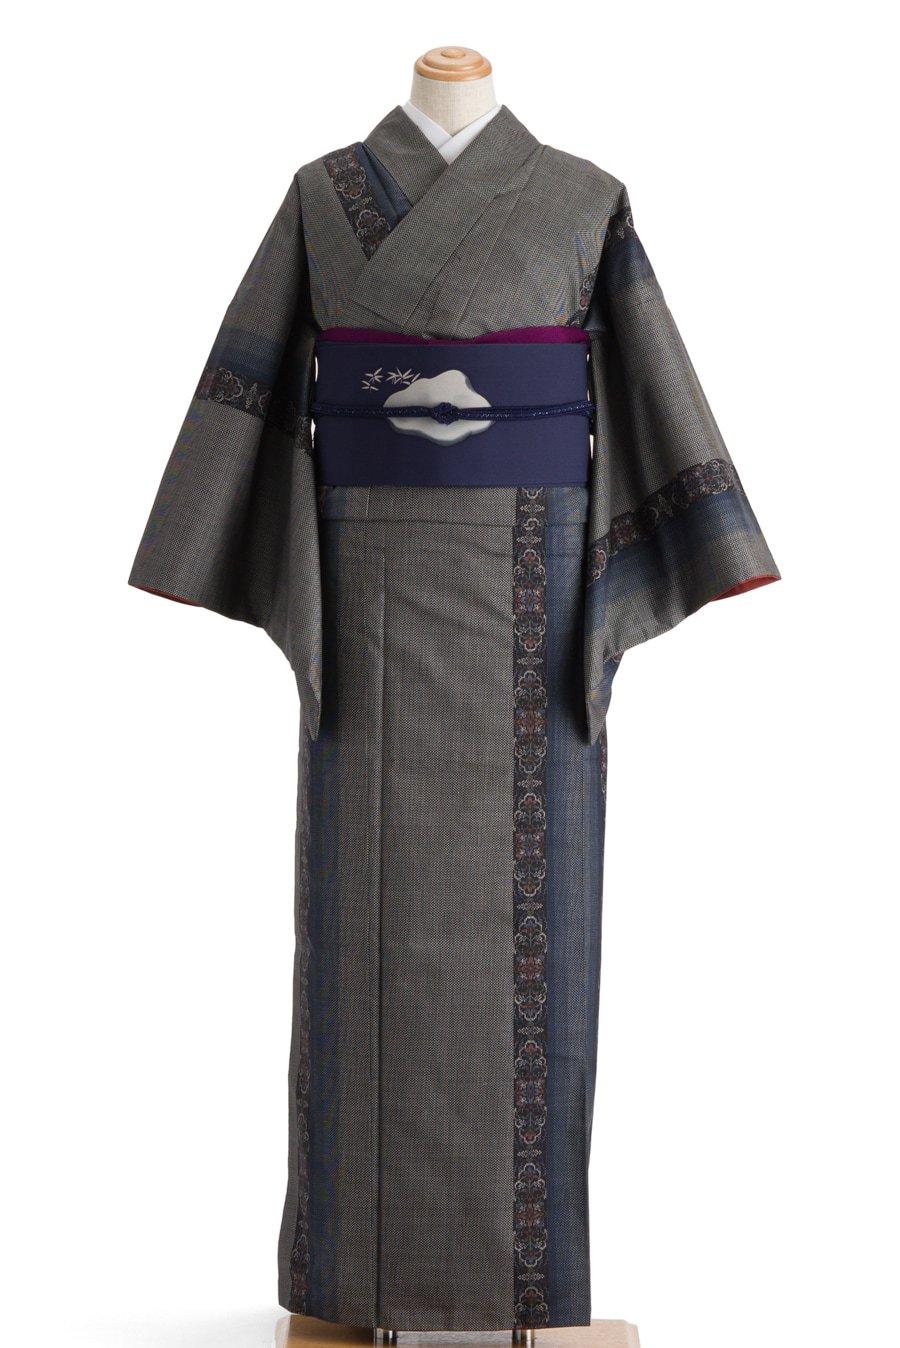 「大島紬 青い縞に唐花」の商品画像